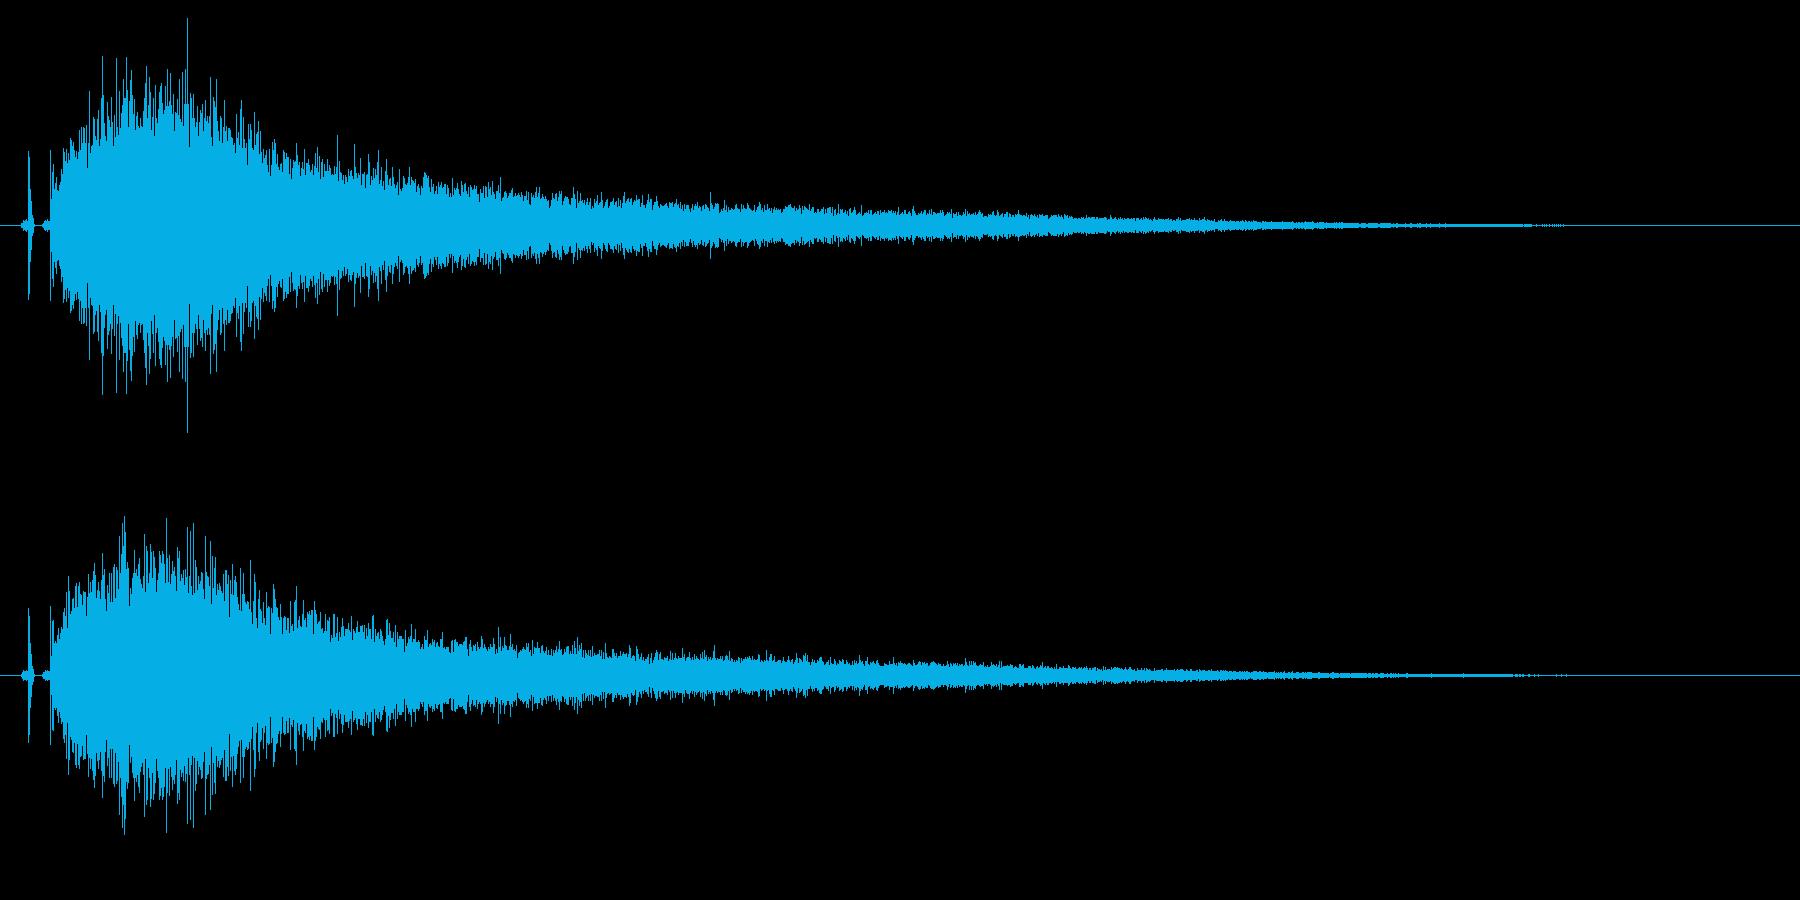 【チャイナシンバル2】中国風な演出に最適の再生済みの波形